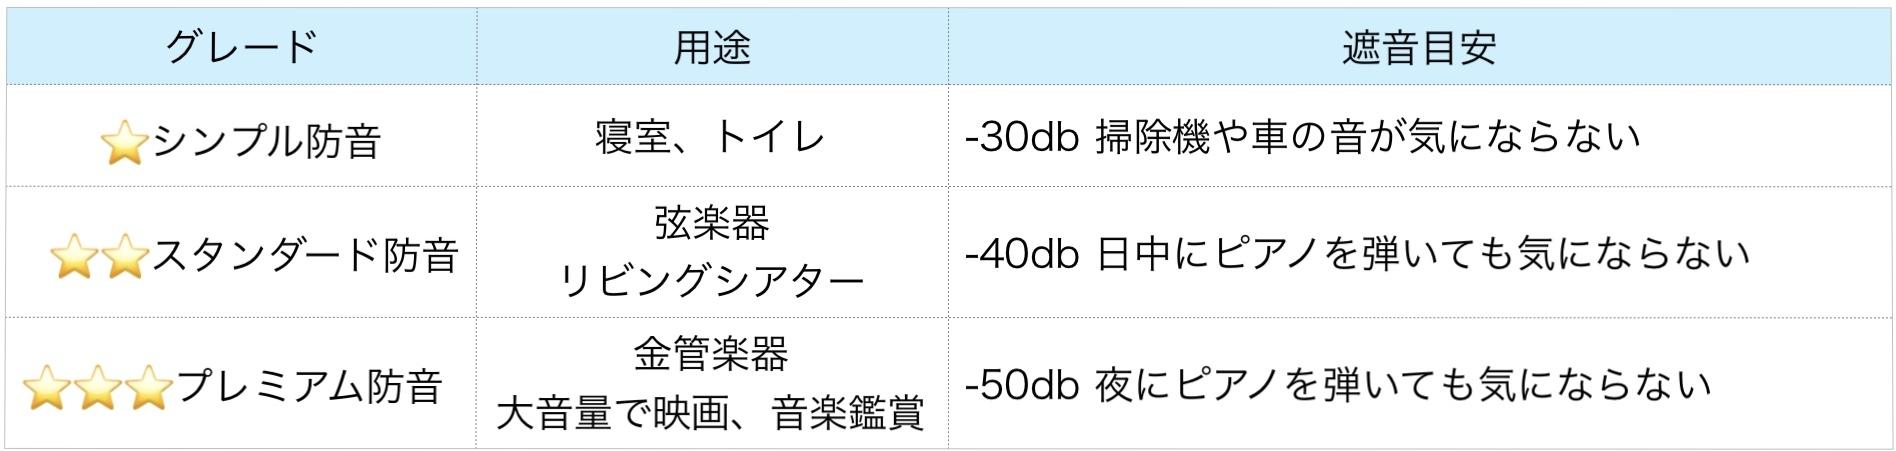 8D26427B-1405-4AB6-8096-BBBBFFFECADA.jpeg